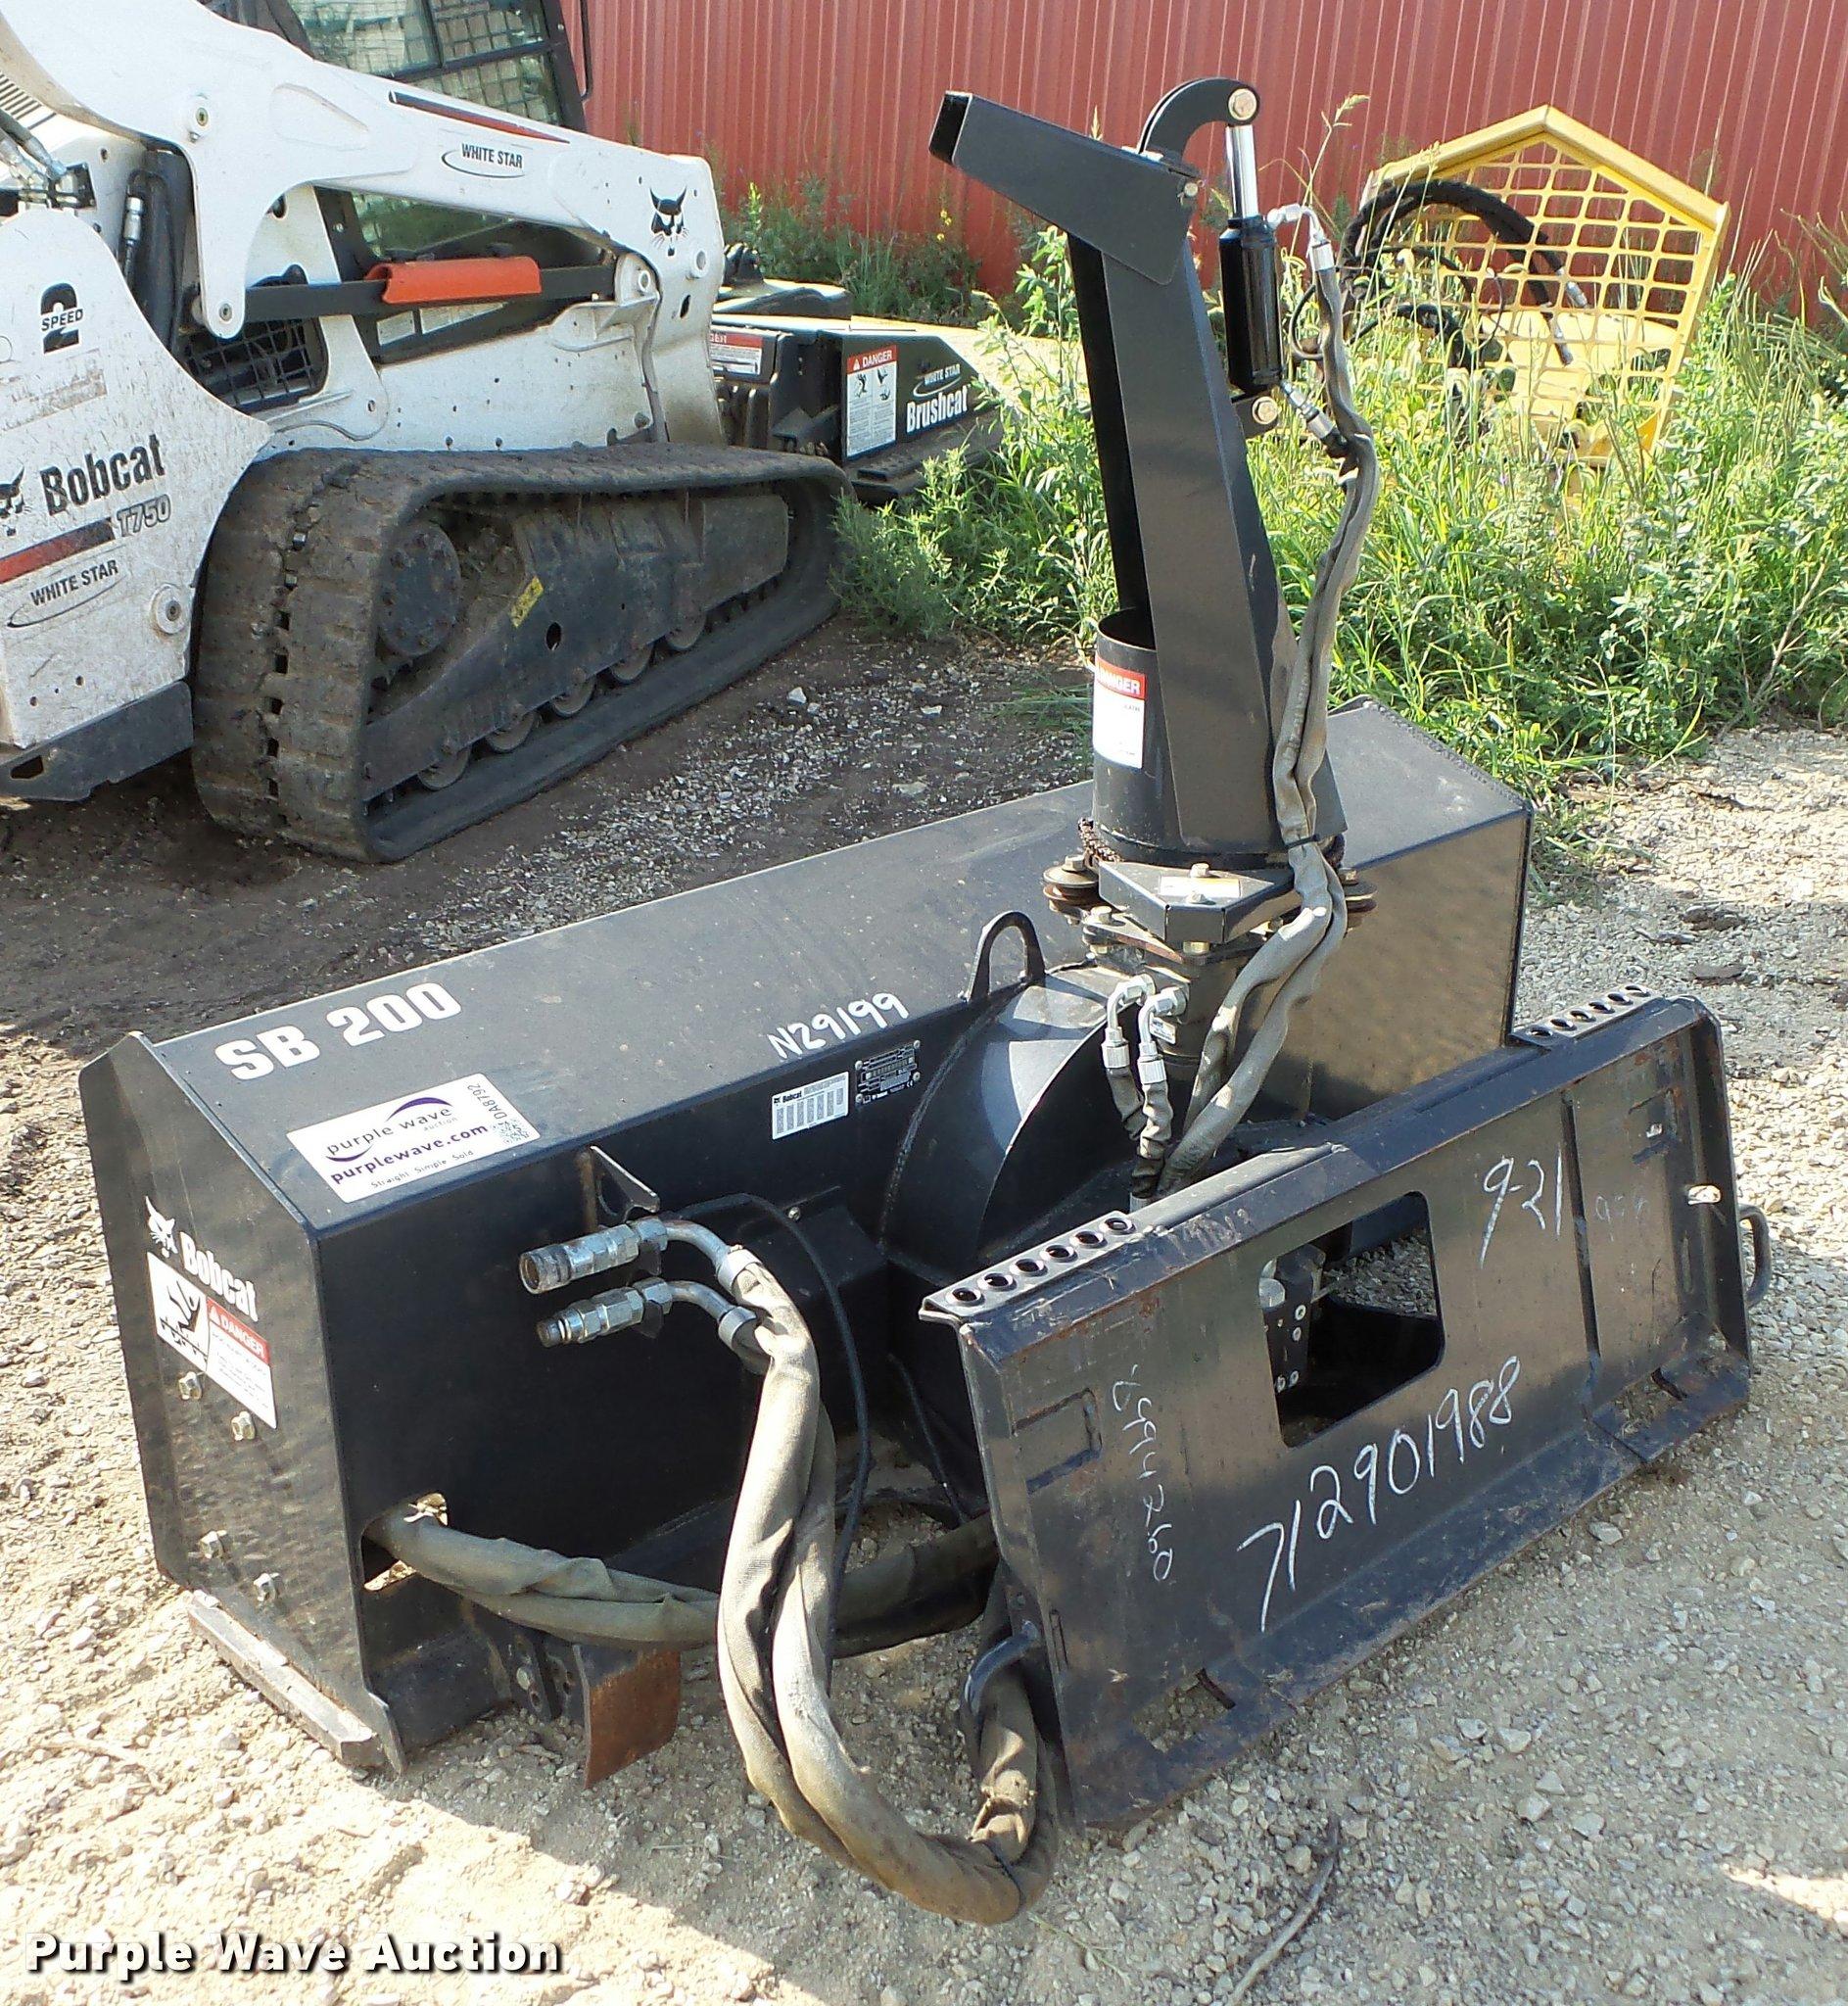 2007 Bobcat SB200 snow blower | Item DA8792 | SOLD! October